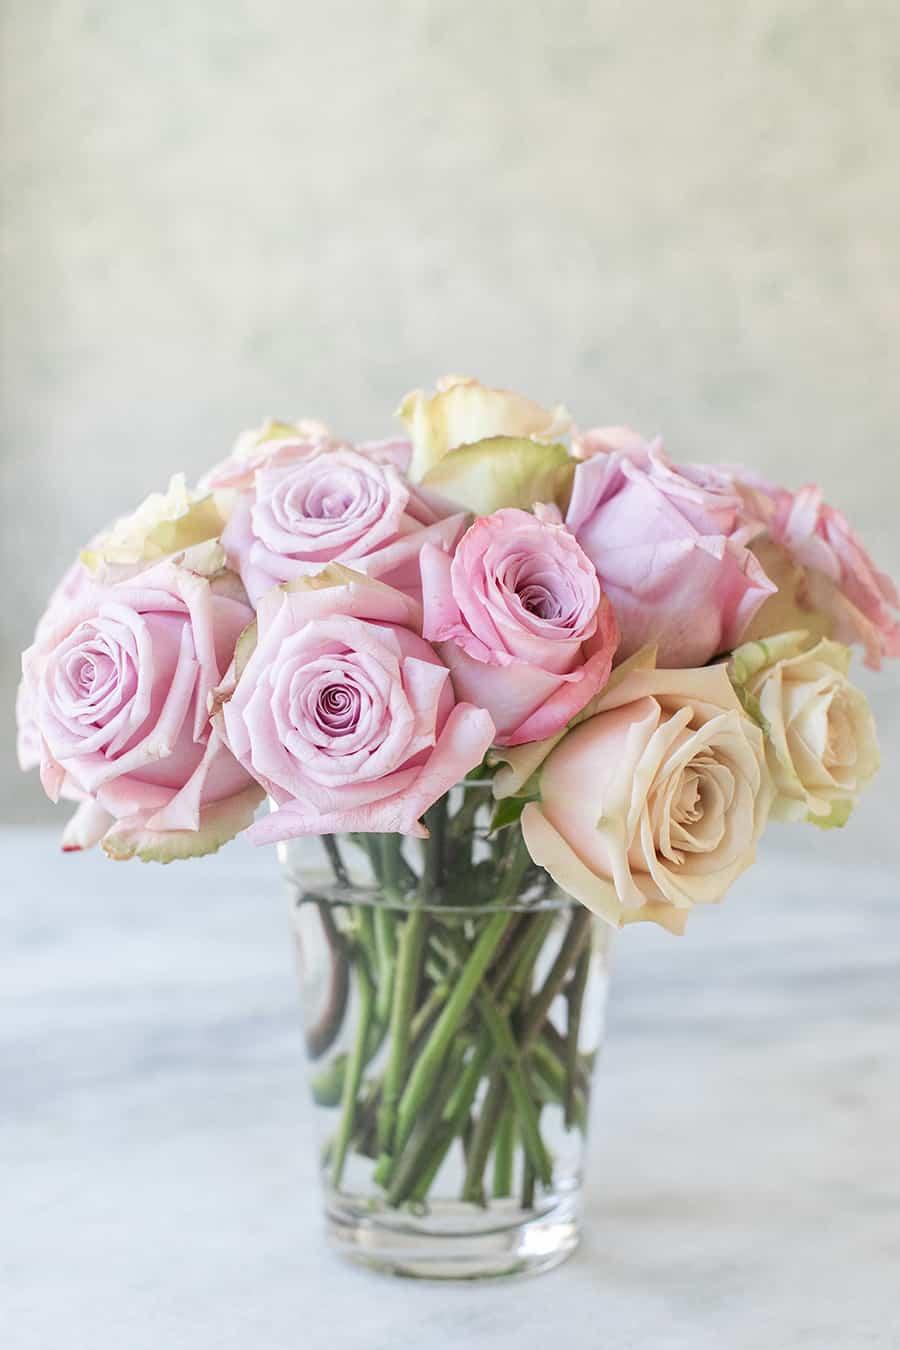 rose arrangement in a vase